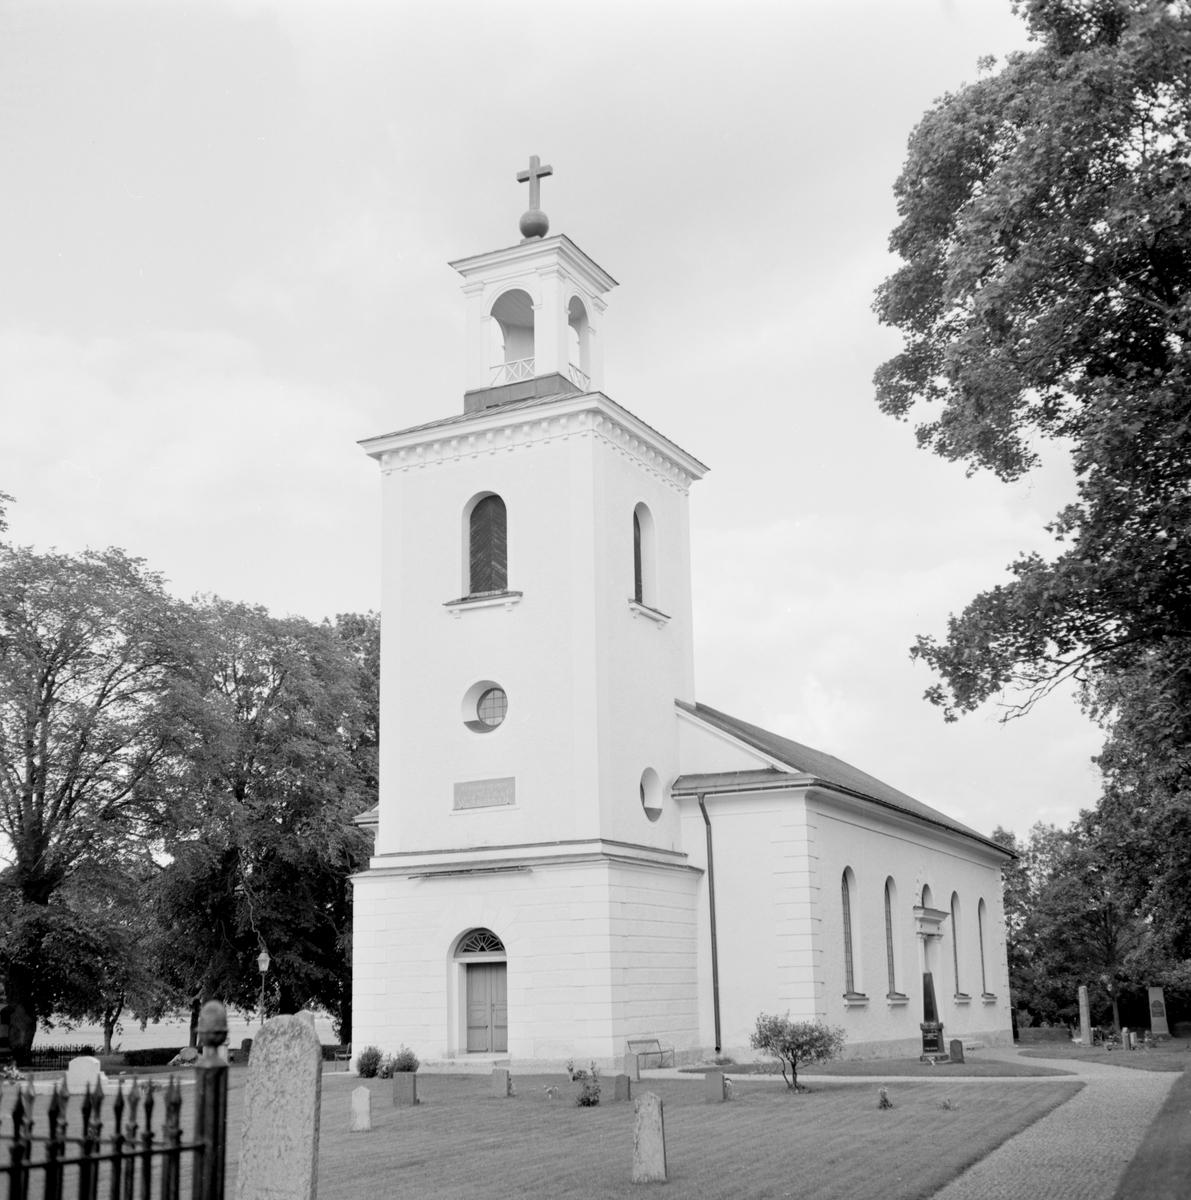 Den nya kyrkan i Vallerstad kunde invigas den 1 december 1833. Byggnadens uppfördes på grunden av en äldre, tidigmedeltida kyrka. I Vallerstad valde man det lite udda greppet att anläggna den nya kyrkans grund runt den äldre kyrkobyggnaden innan den vidare revs. På så vis blev störningen av sockenbornas kyrkogång förkortad i tid . Vallerstad kyrka var den blivande storbyggmästaren Abraham Nyströms första kyrkobyggnad att ansvara för. Här dokumenterad av Östergötlands museum 1978.